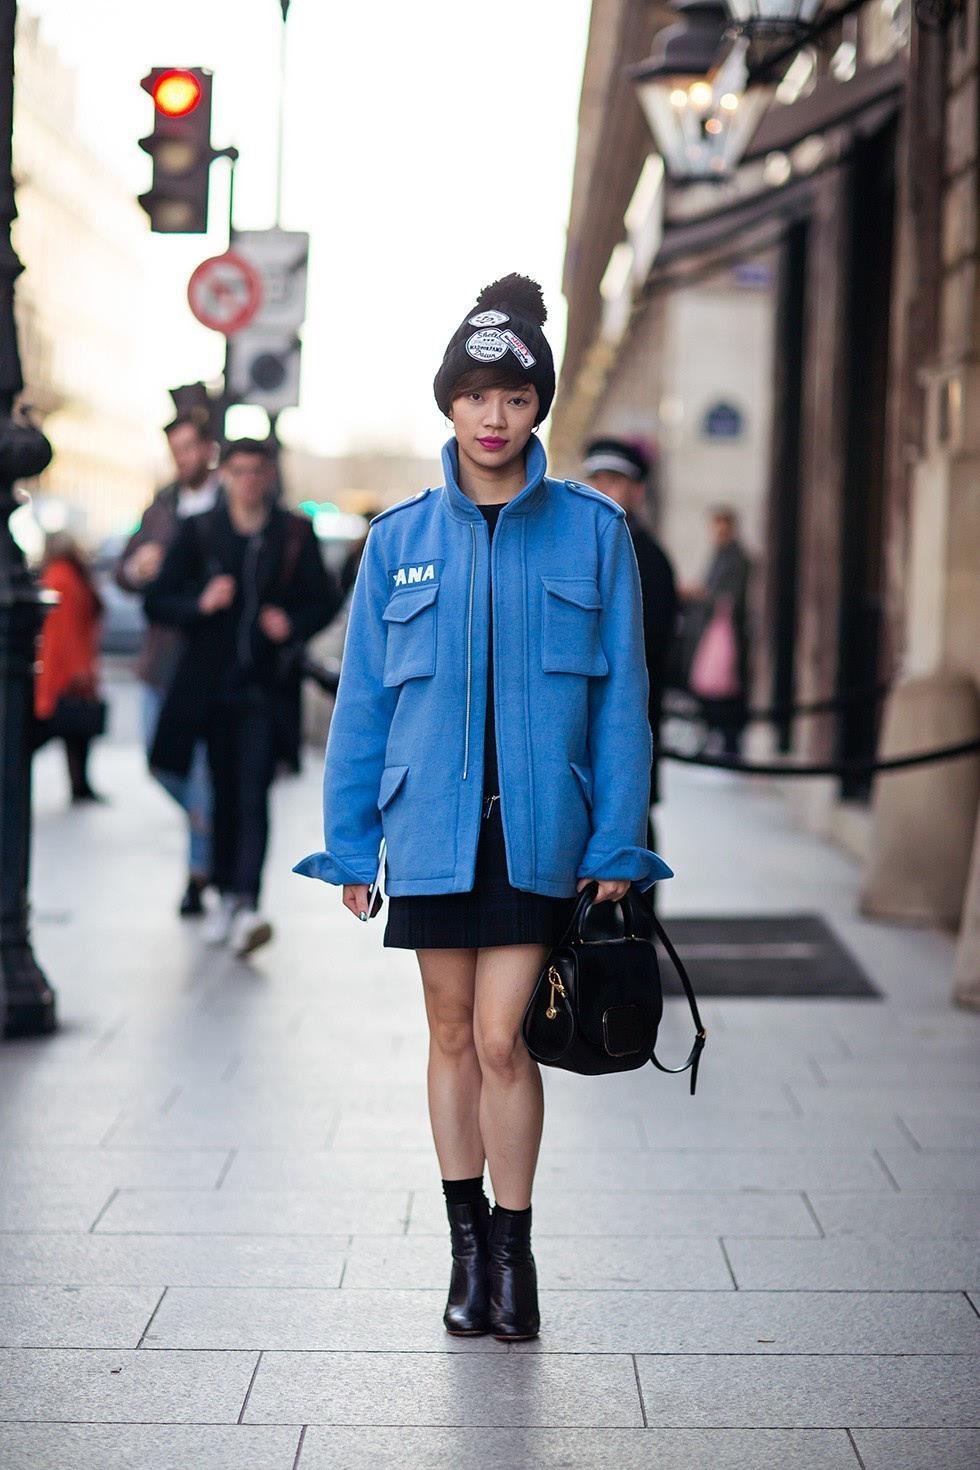 时尚 正文  除了明星很爱戴,针织帽也是各种街拍达人最喜欢的配件之一